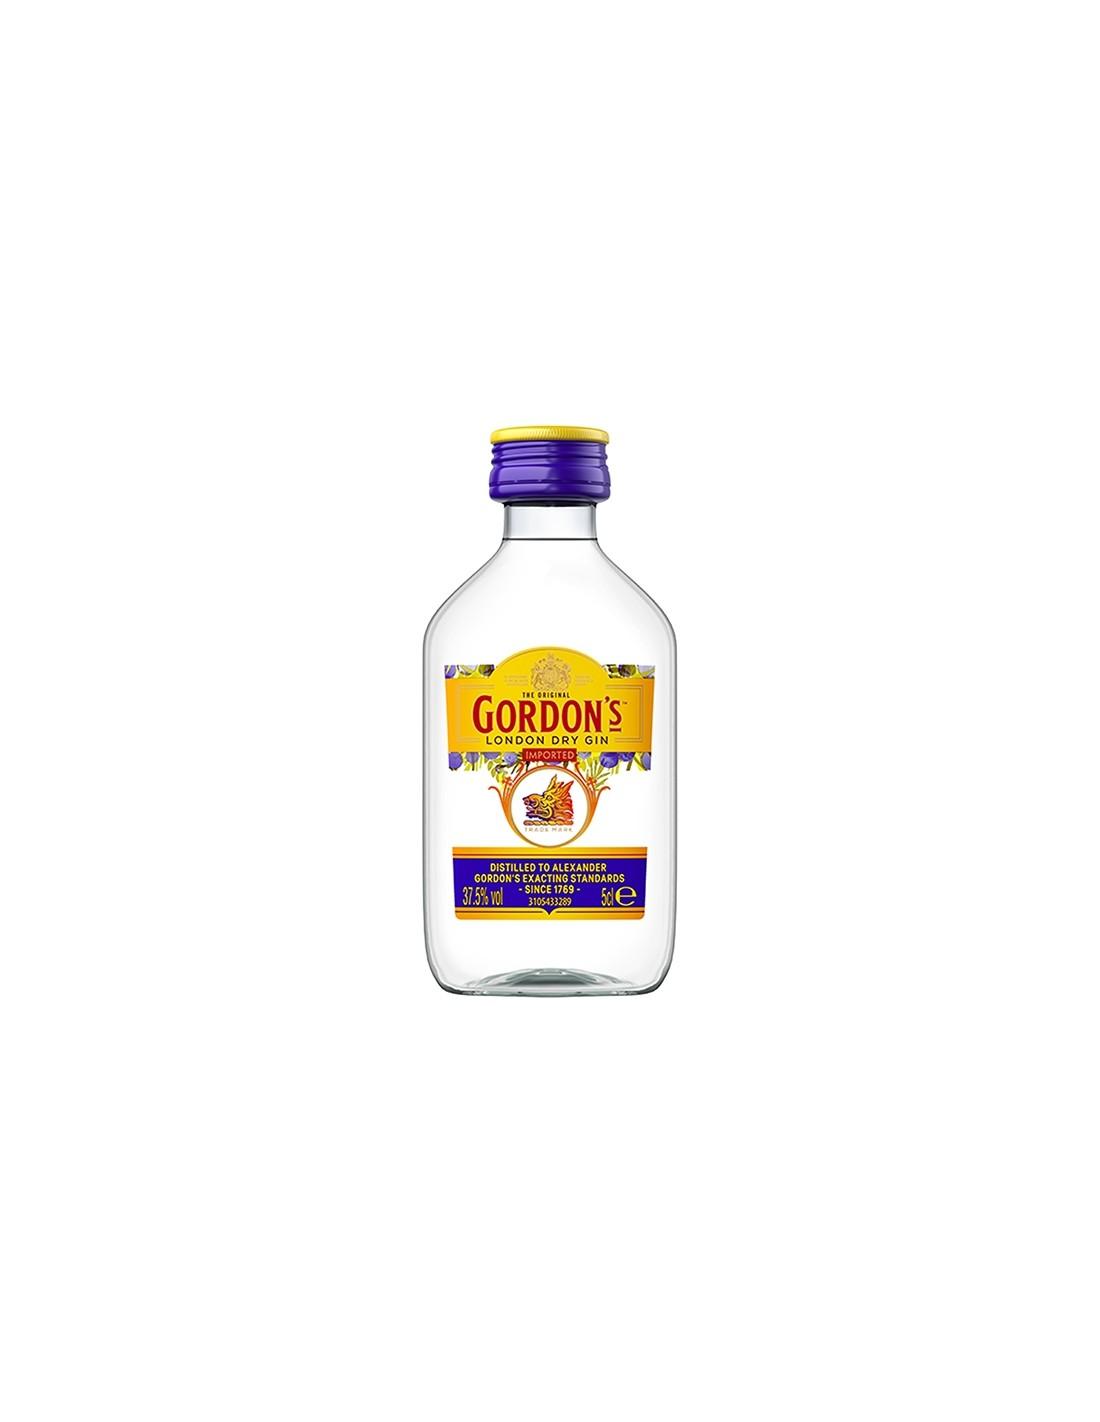 Gin Gordon's Dry, 37.5% alc, 0.05L, Anglia